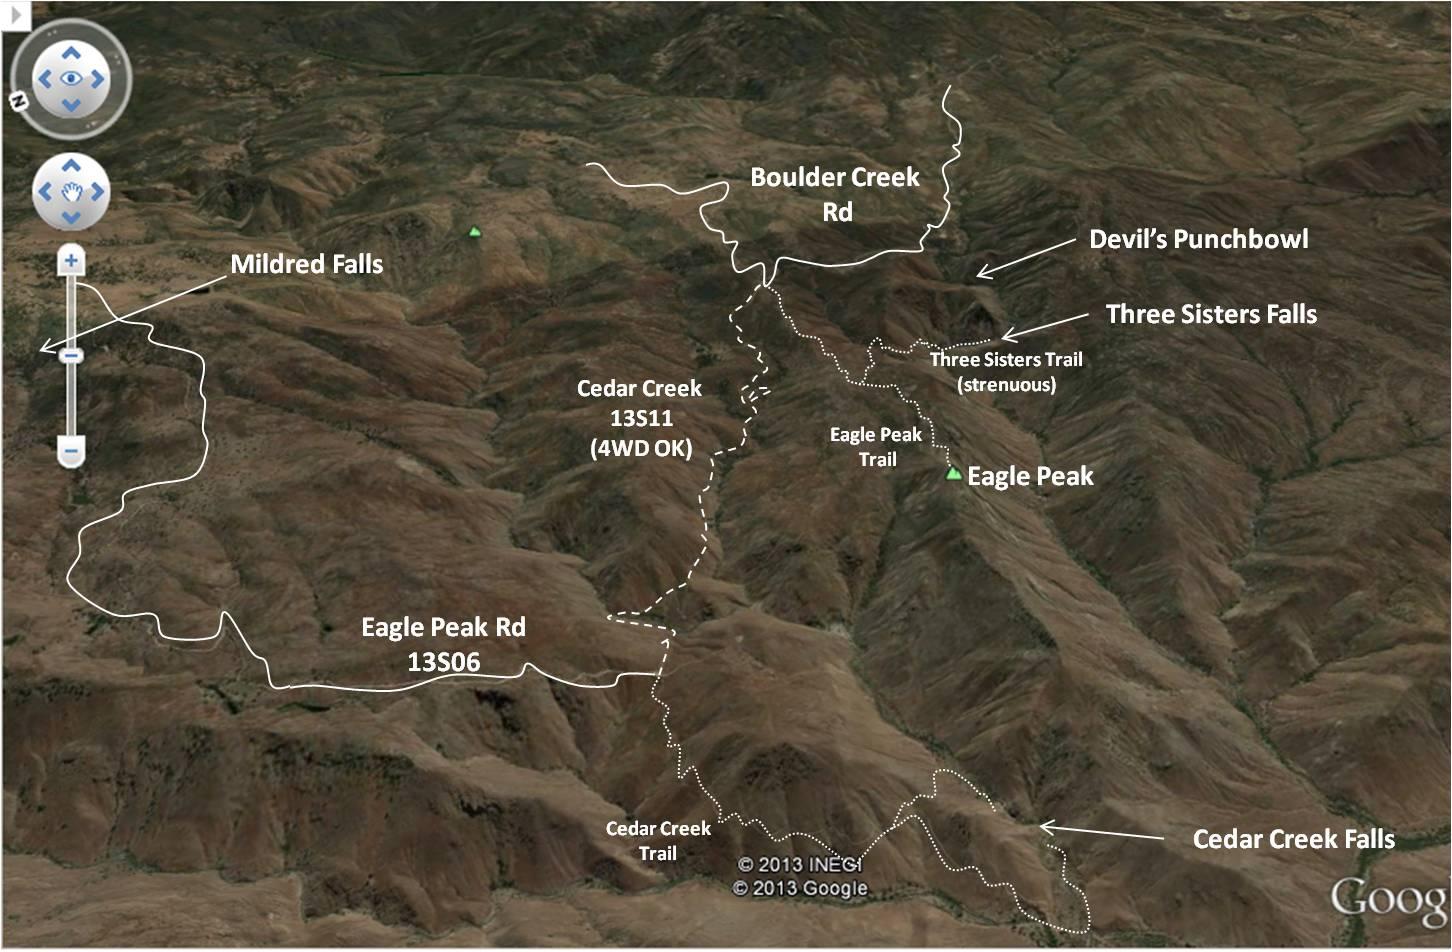 Ceder creek nudist resort